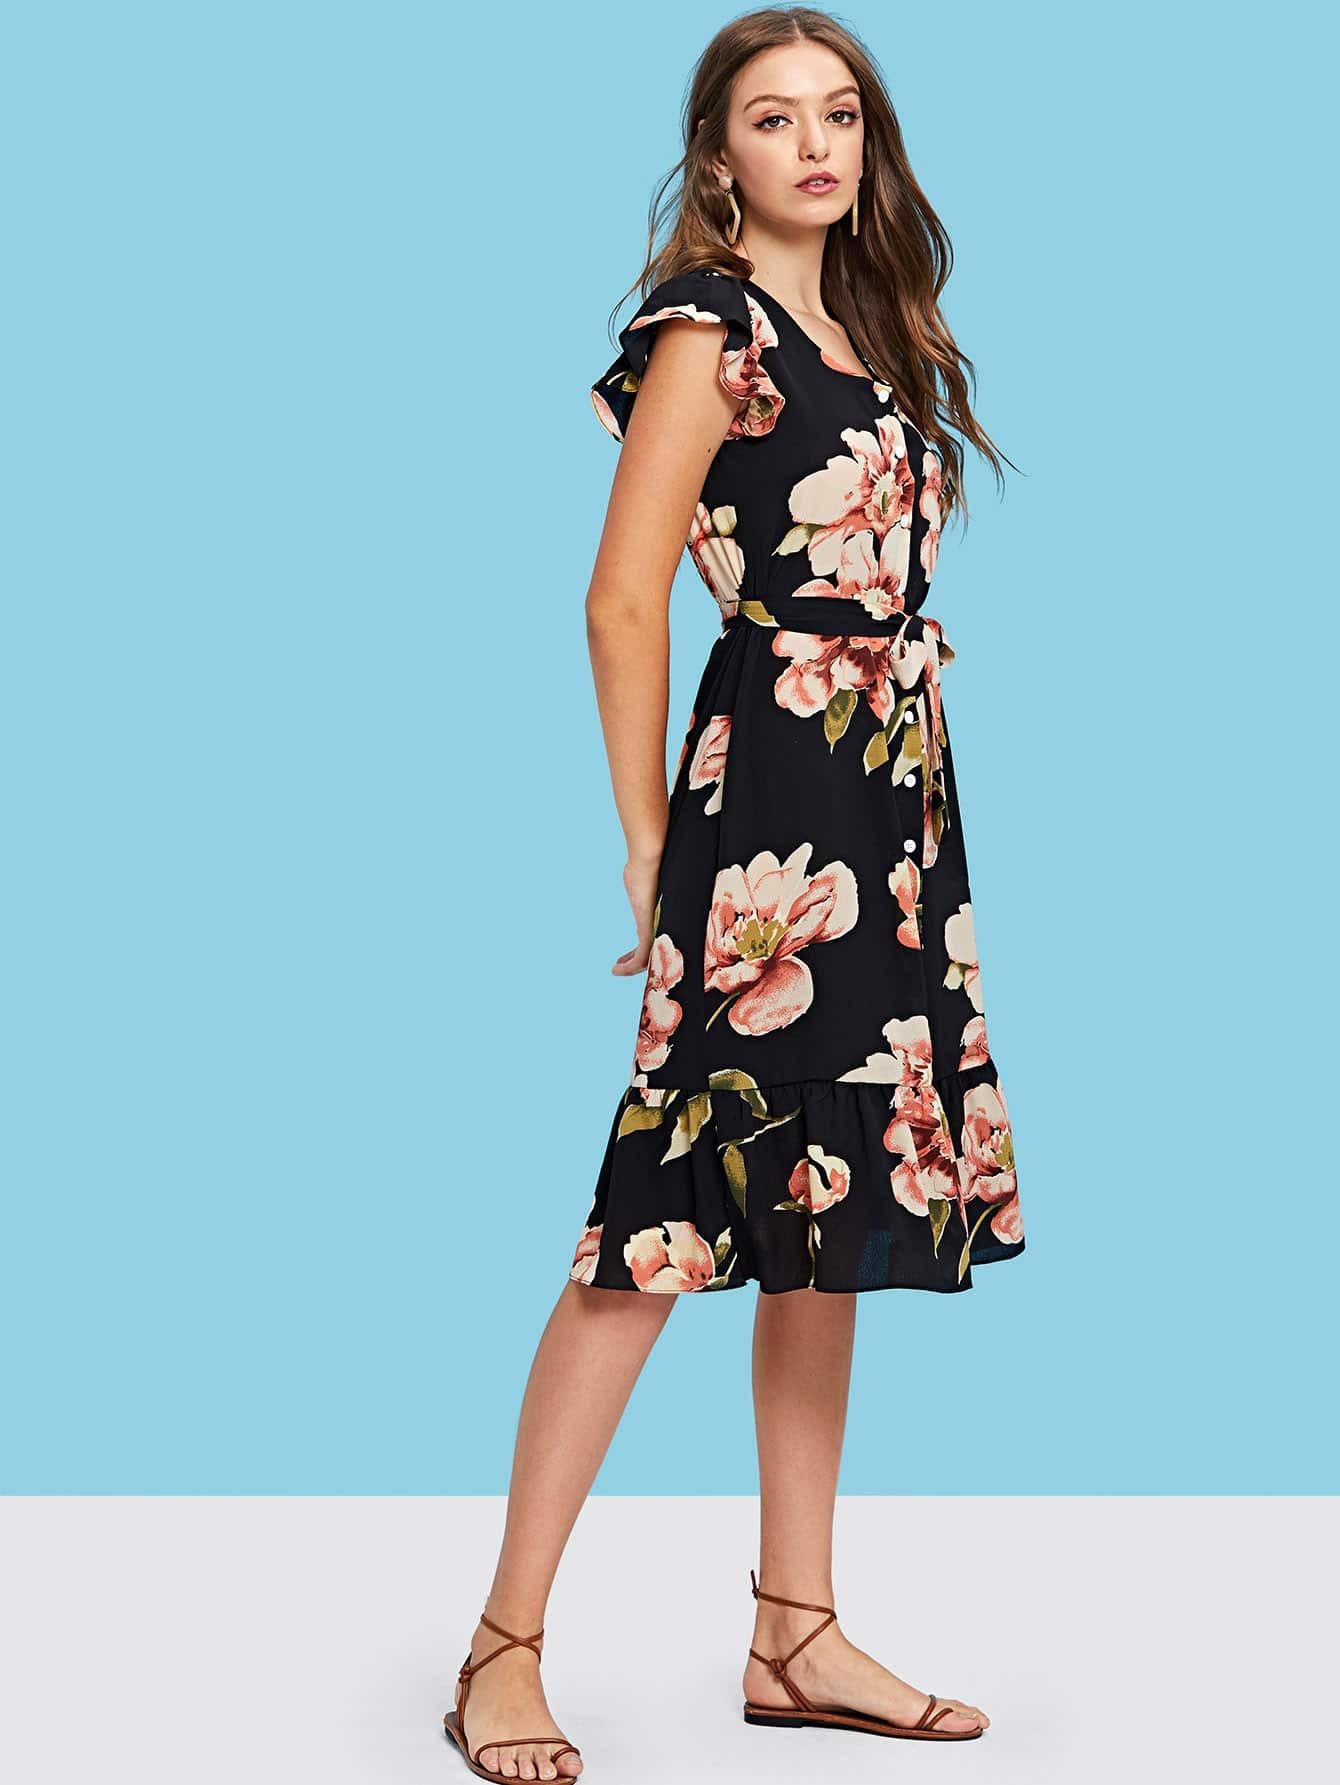 Self Tie Waist Floral Dress self tie floral